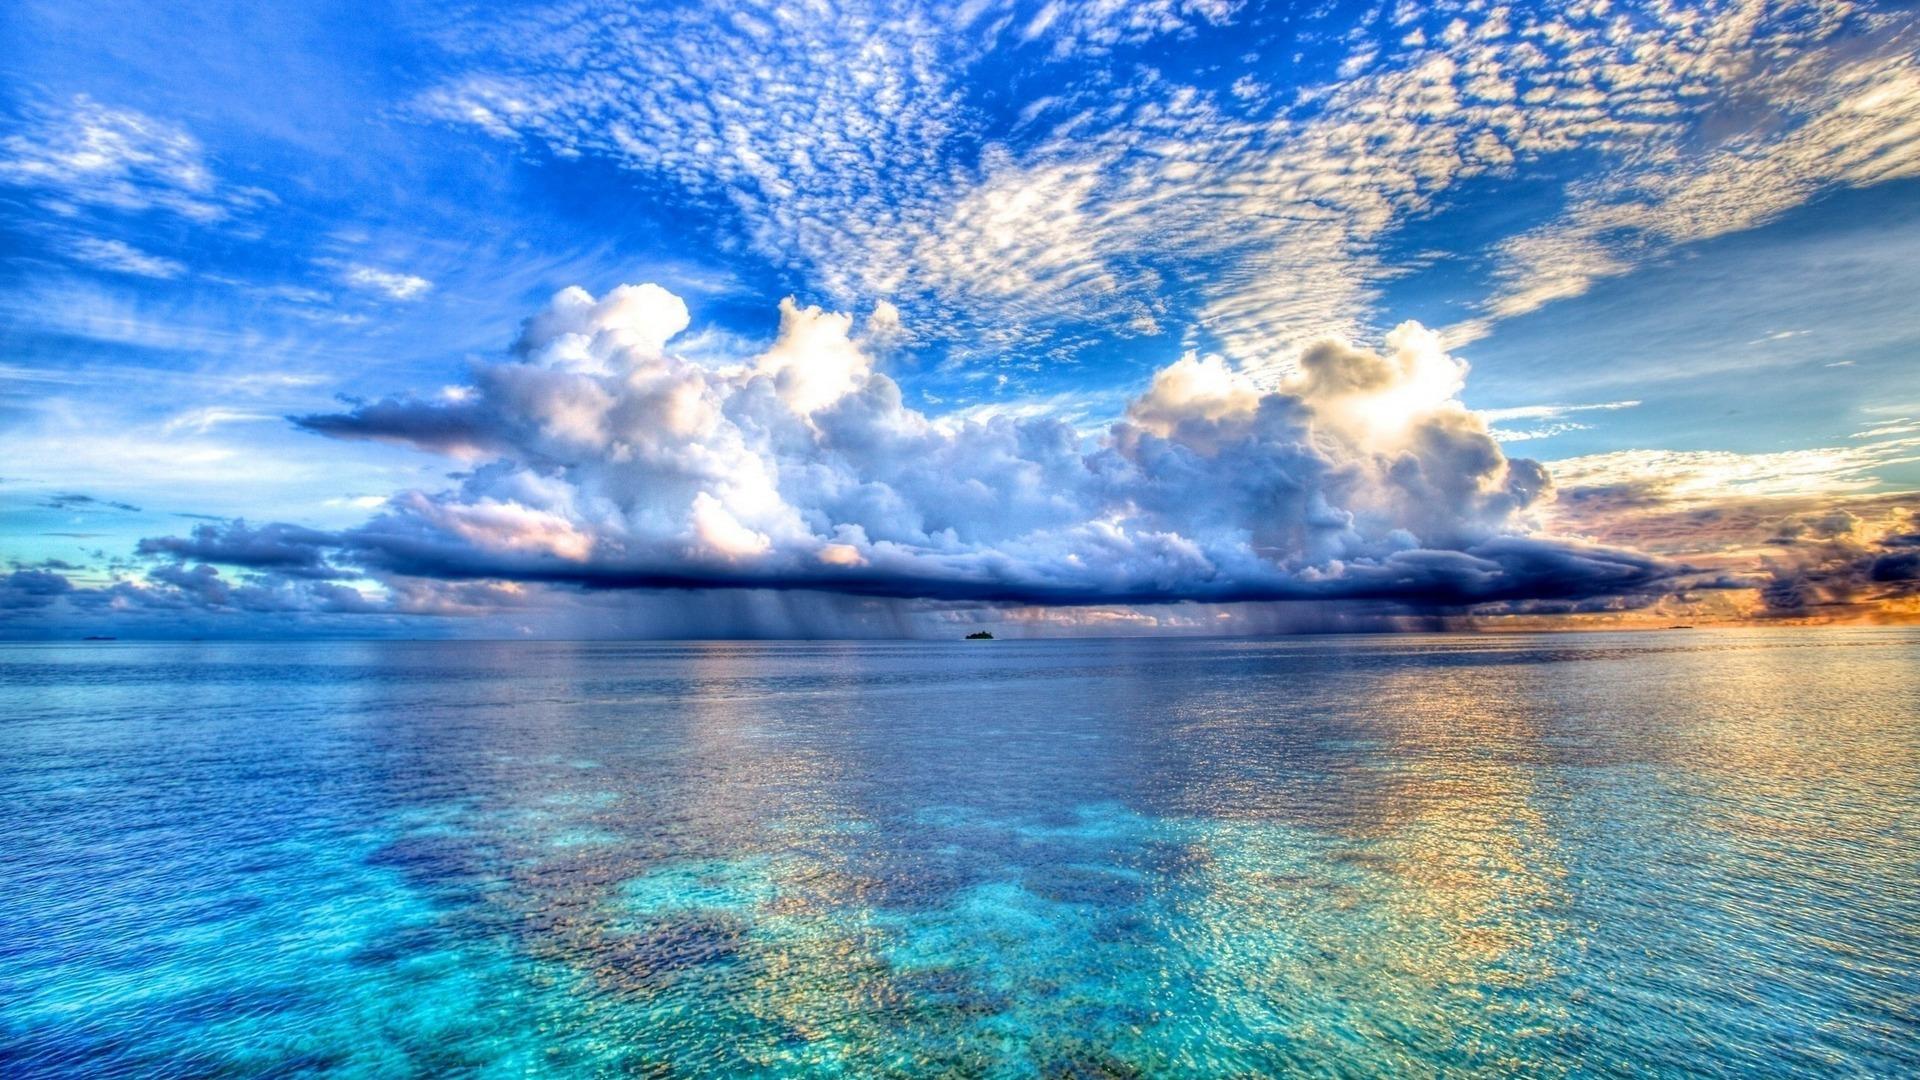 HQ Ocean Wallpapers | File 667.77Kb